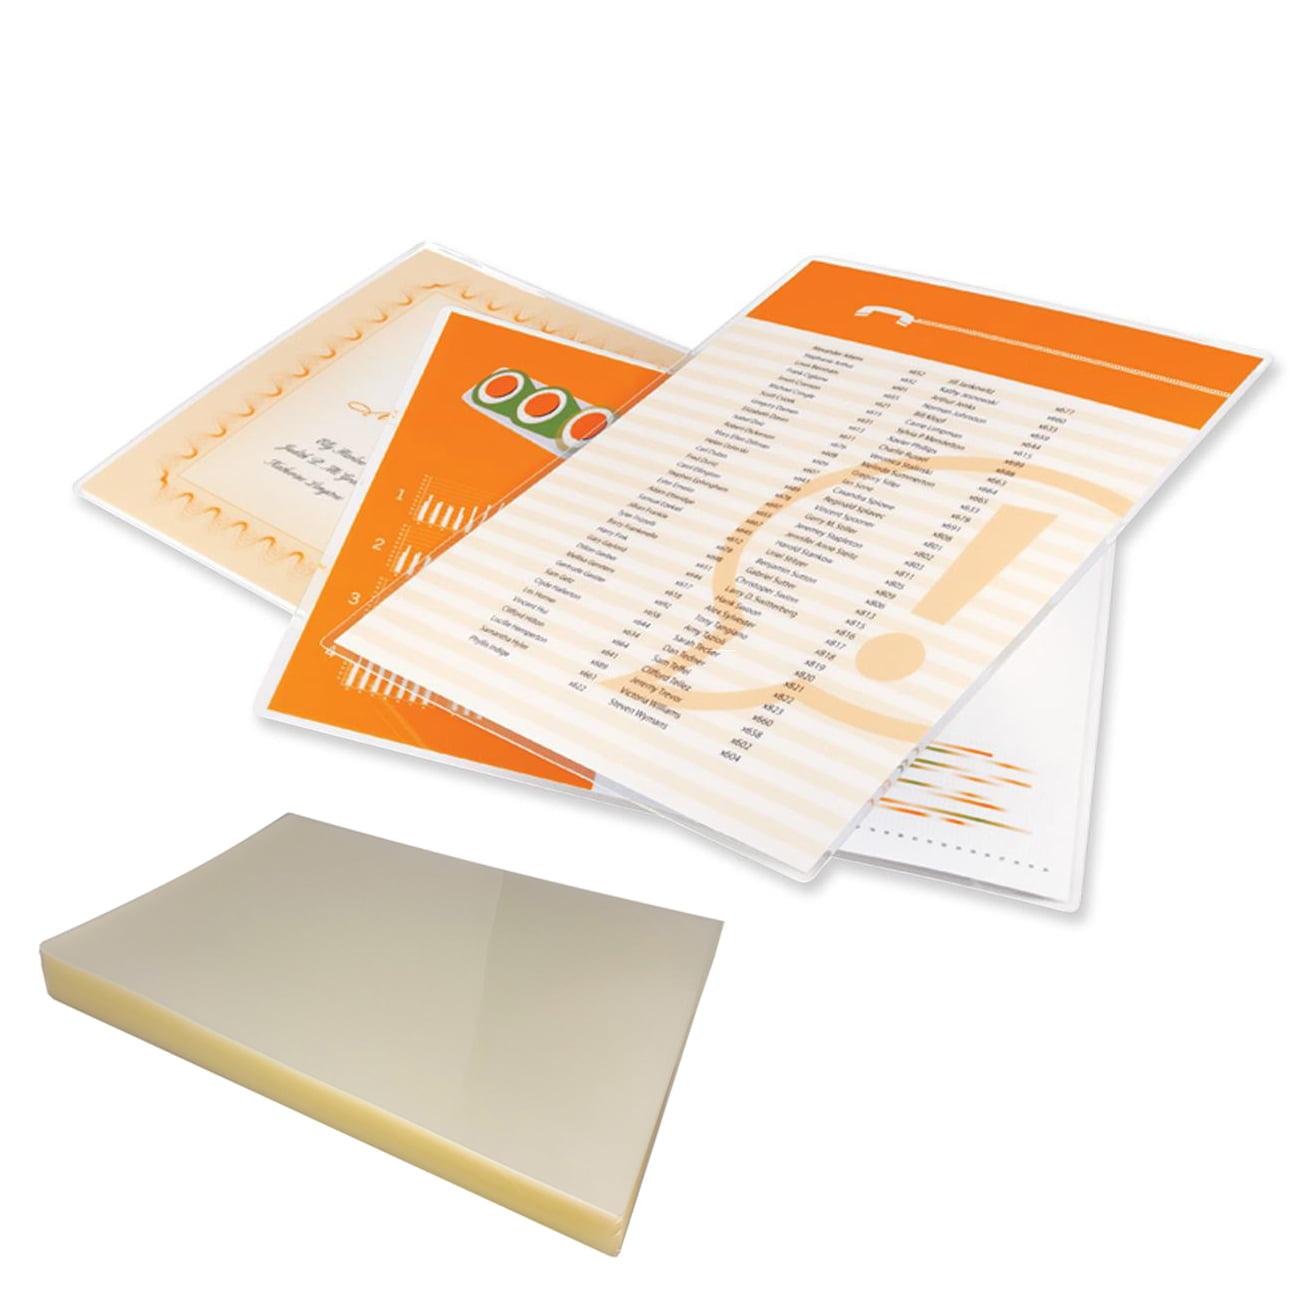 Plastico Para Plastificação de Certificado Catalago Certidão Documento Oficio 226X340 Espessura 010 Grosso C/25